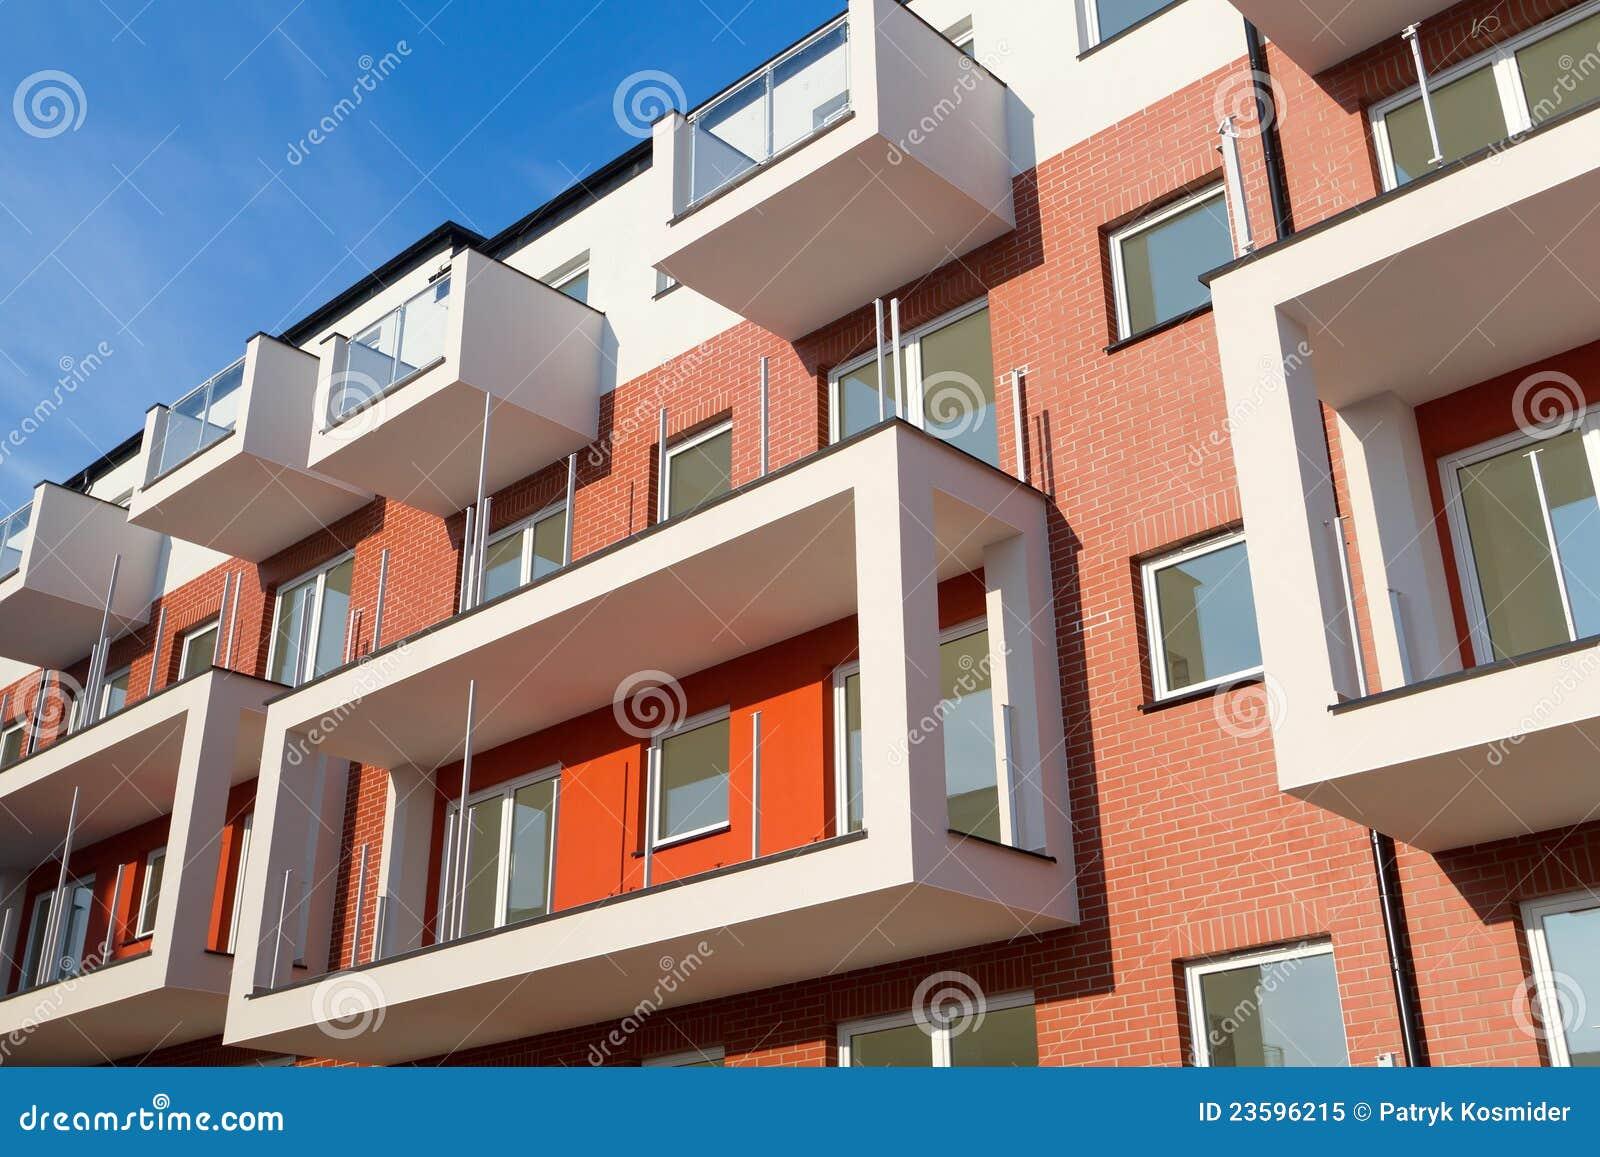 Appartamenti moderni fotografia stock libera da diritti for Appartamenti moderni immagini